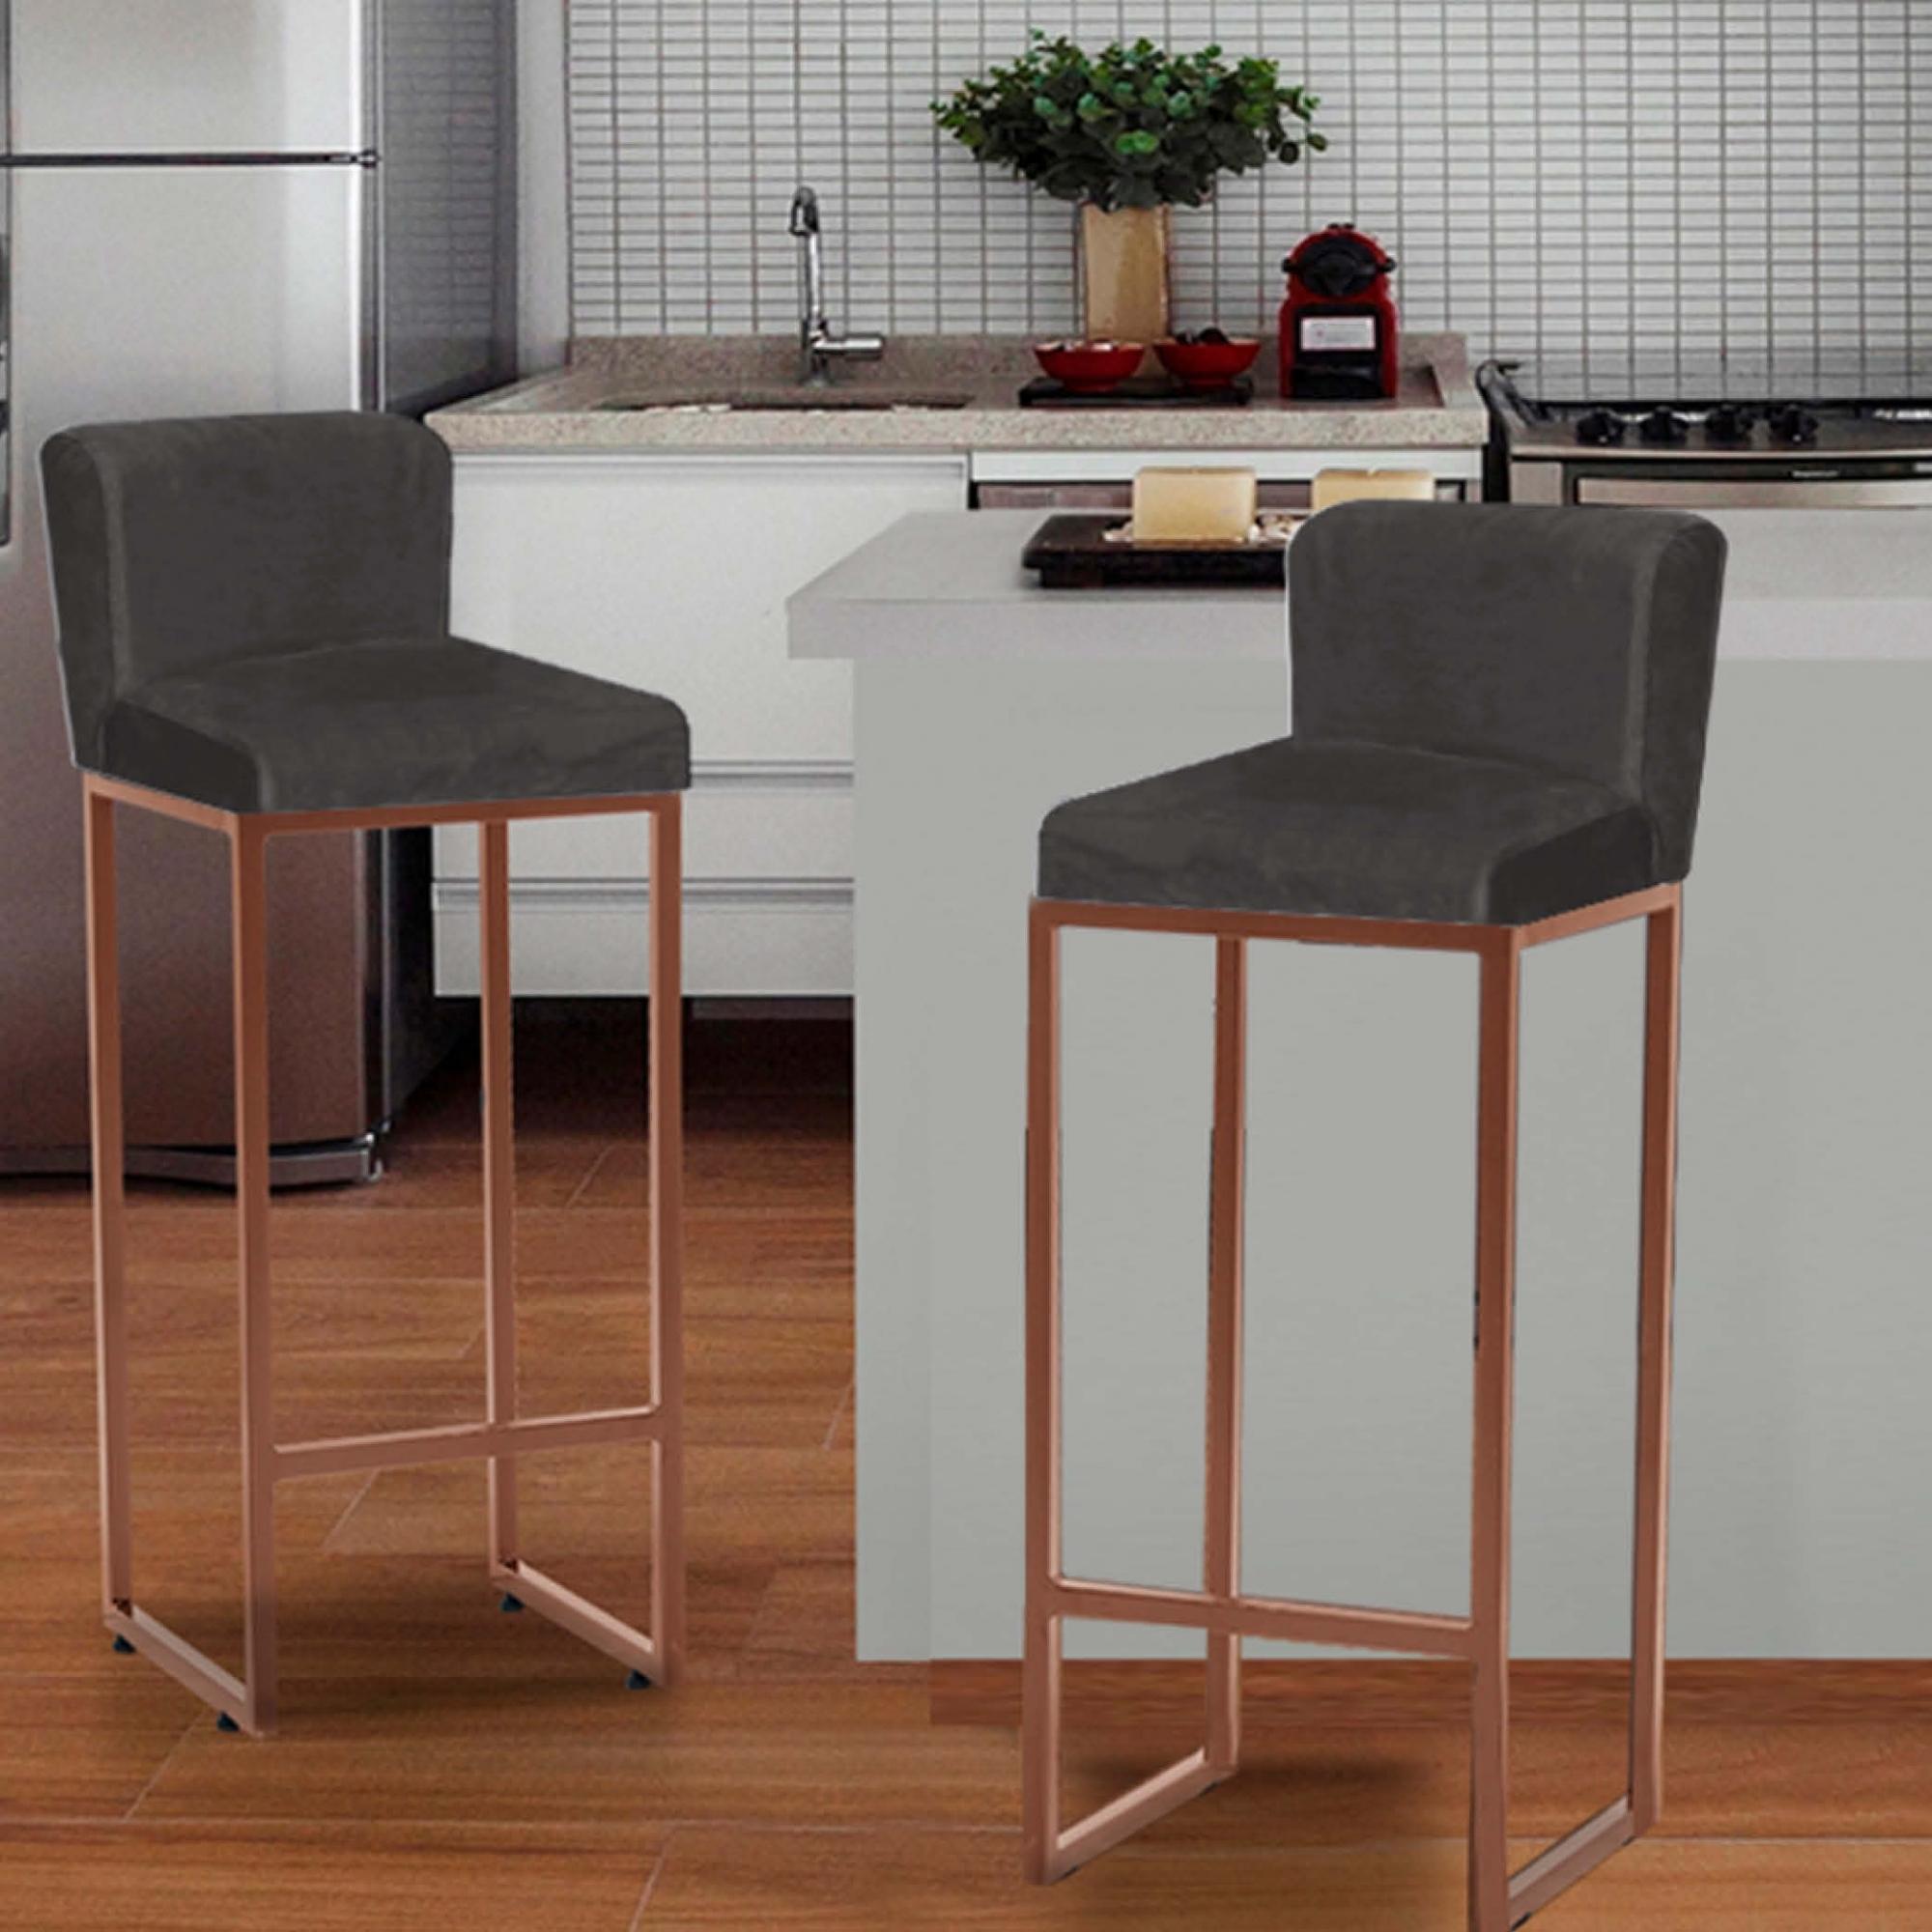 Kit 04 Banquetas Decorativa Alta Loues Suede Cinza Com Encosto Para Cozinha Bar Balcão Bistrô Pé de Ferro Bronze -Bela Casa Shop